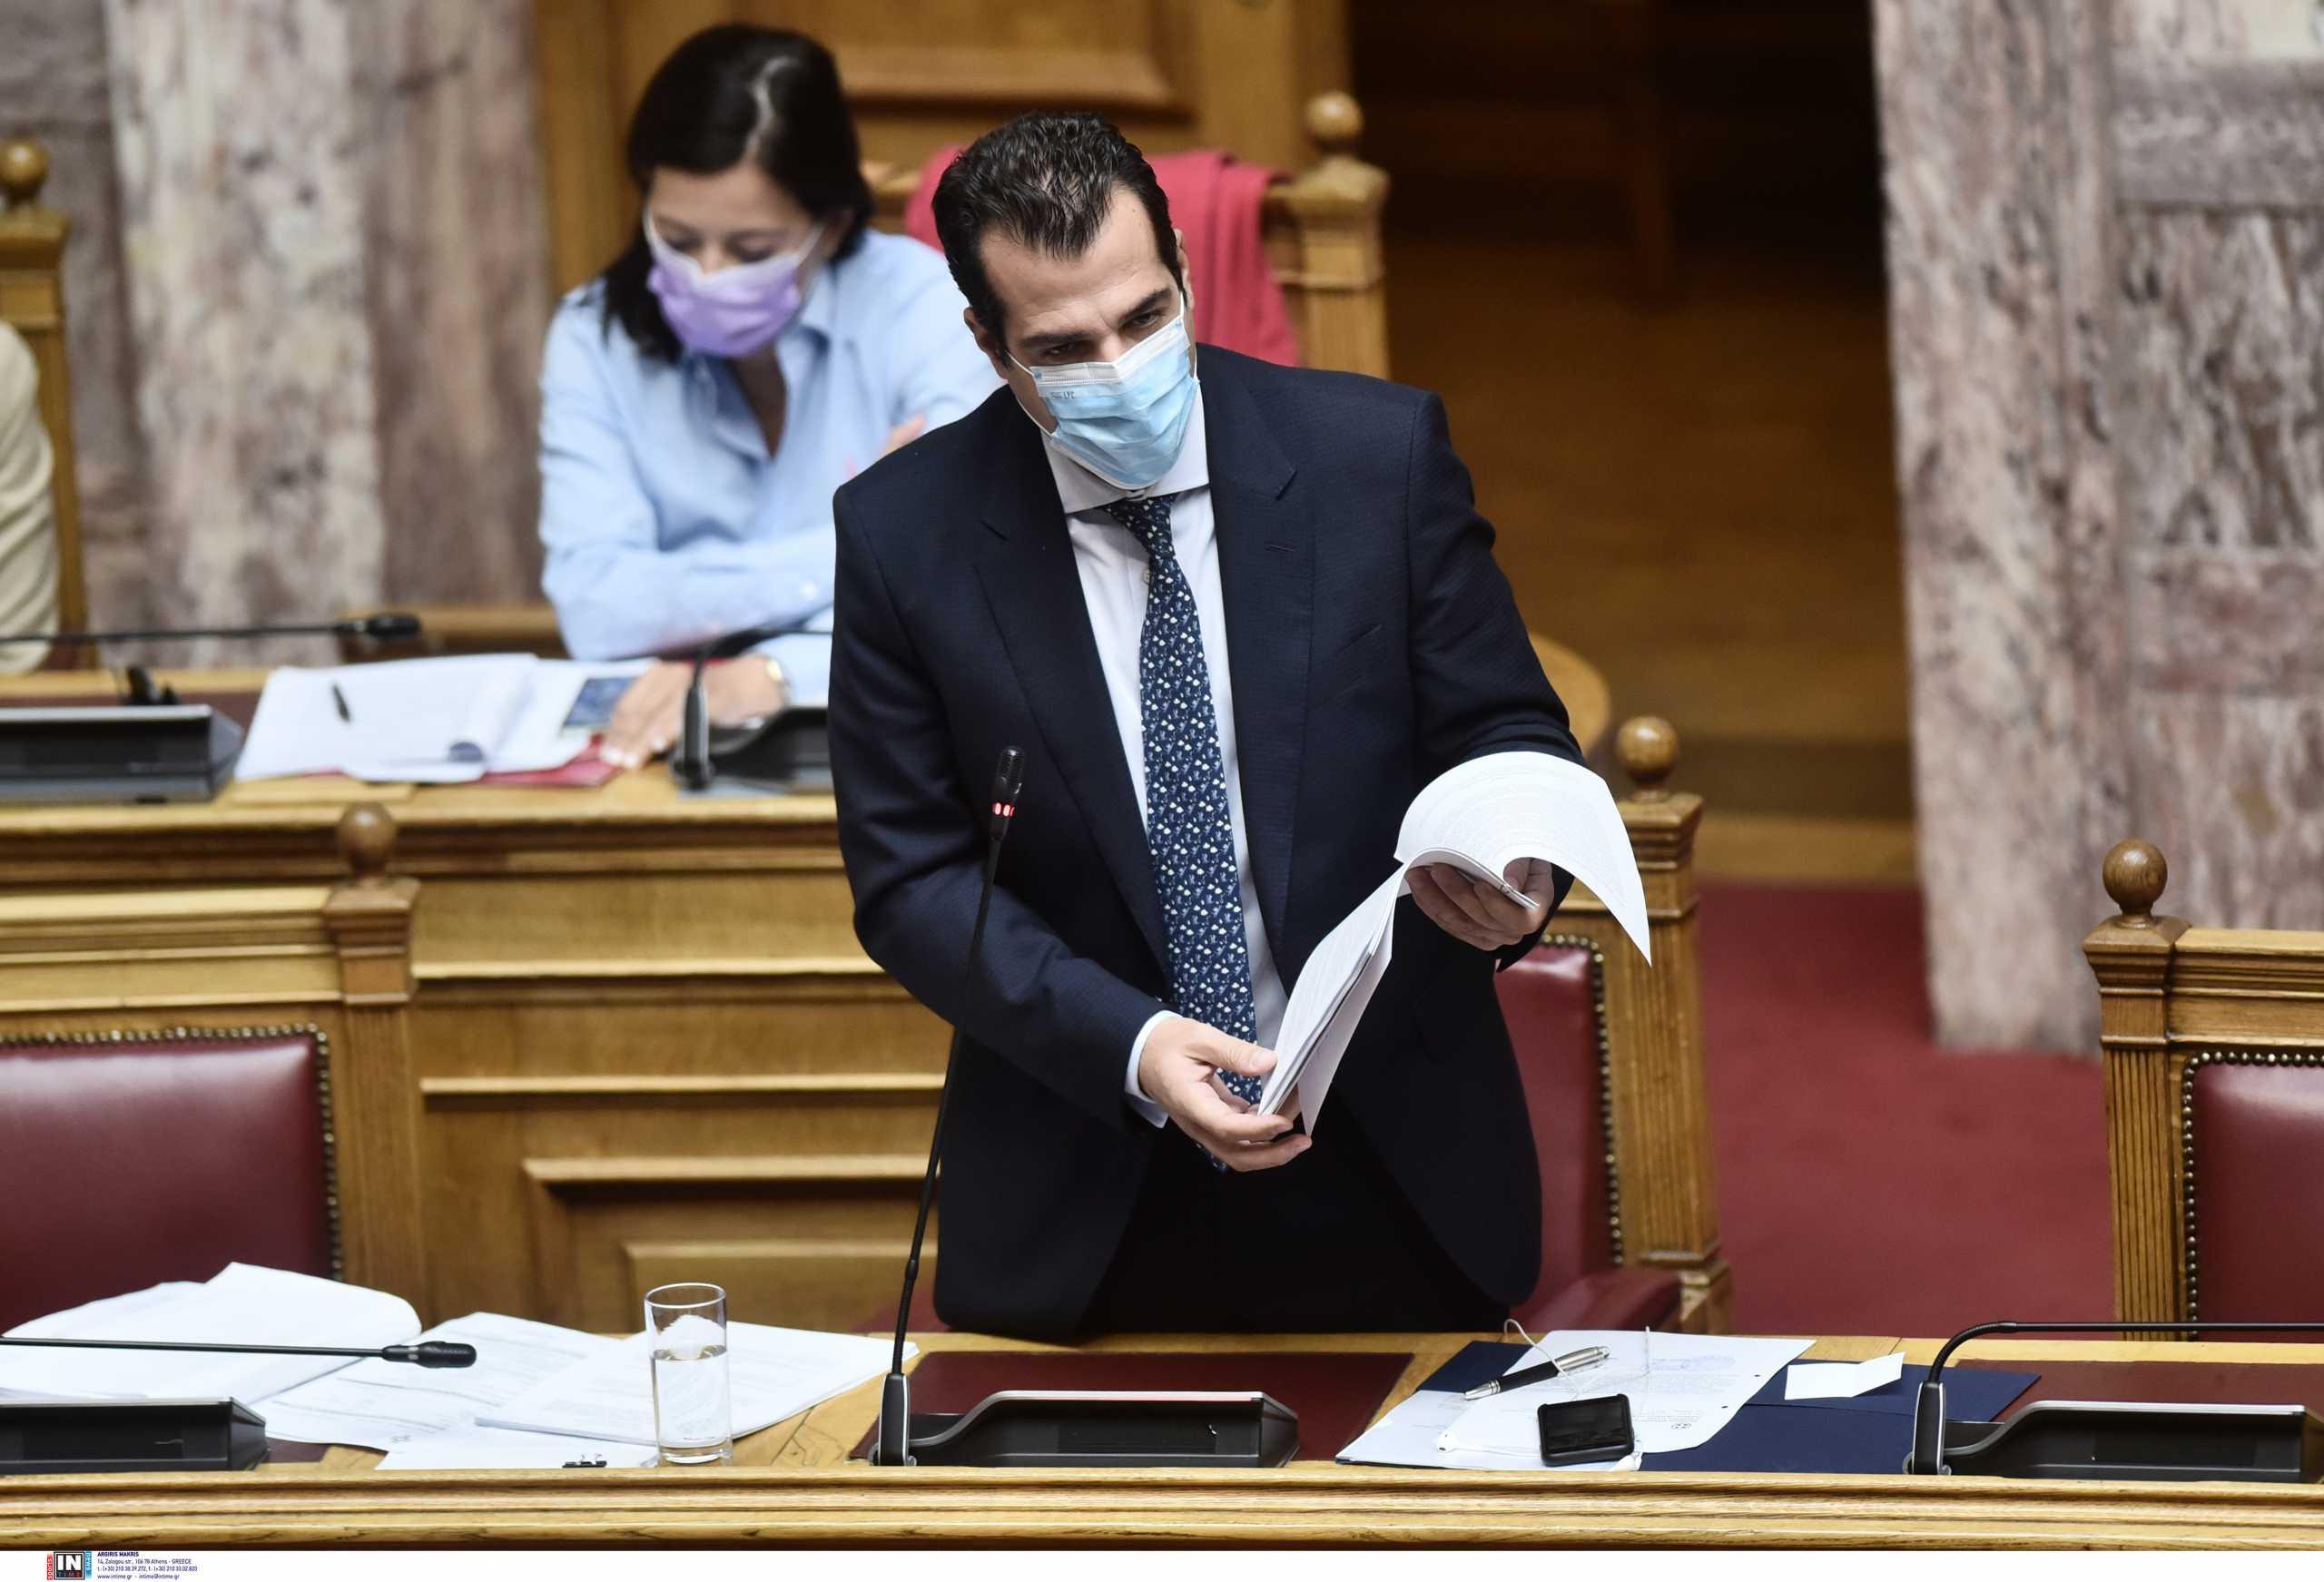 Θάνος Πλεύρης – Παύλος Πολάκης: Κόντρα στη Βουλή για τα μονοκλωνικά αντισώματα